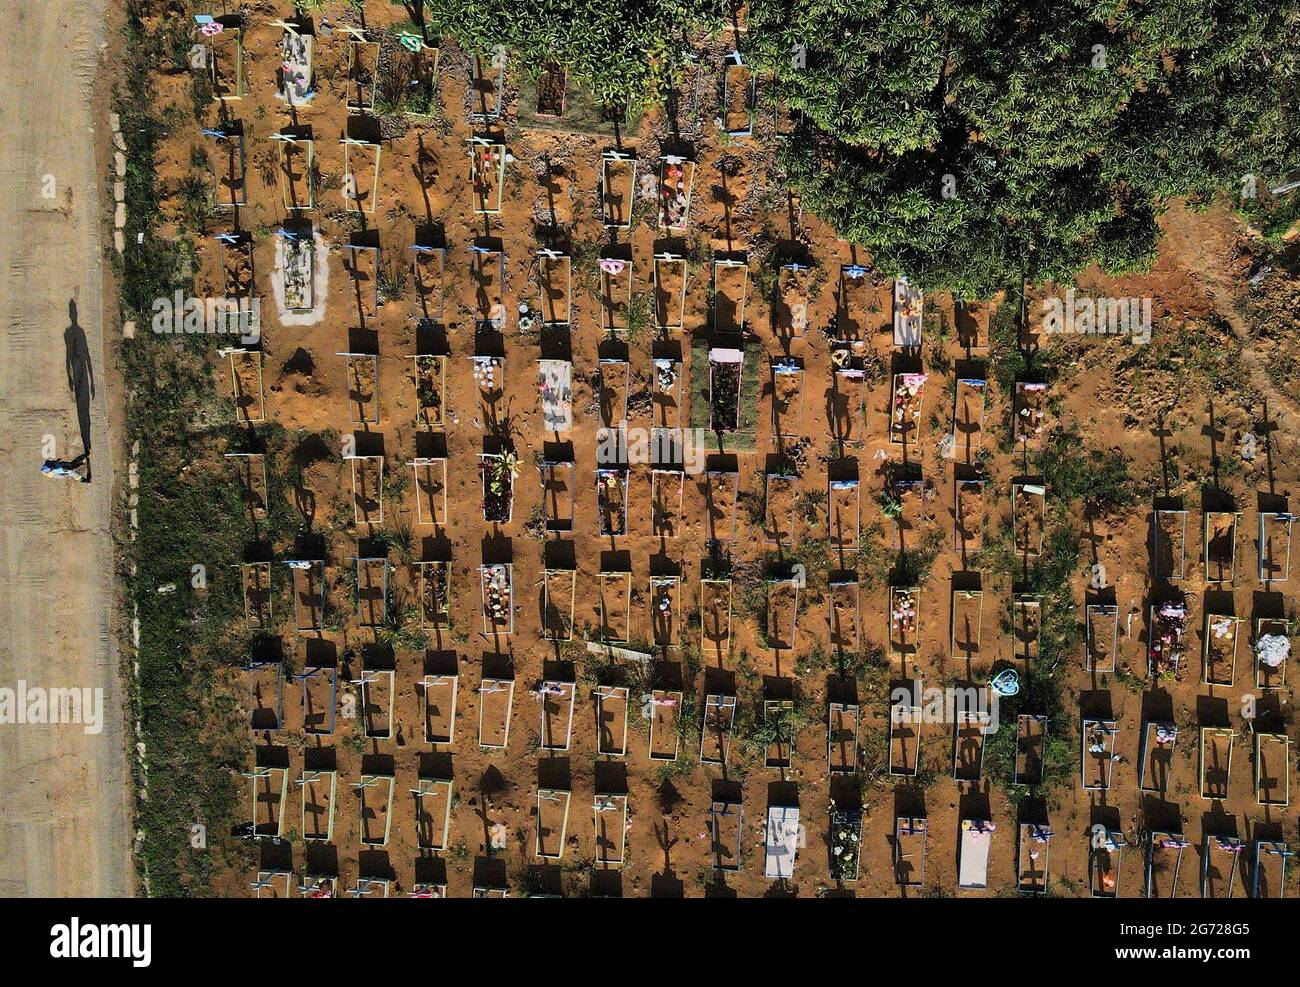 Una vista aerea mostra il cimitero Parque Taruma tra l'epidemia di coronavirus (COVID-19), a Manaus, stato di Amazonas, Brasile 7 luglio 2021. Foto scattata con un drone 7 luglio 2021. REUTERS/Bruno Kelly Foto Stock